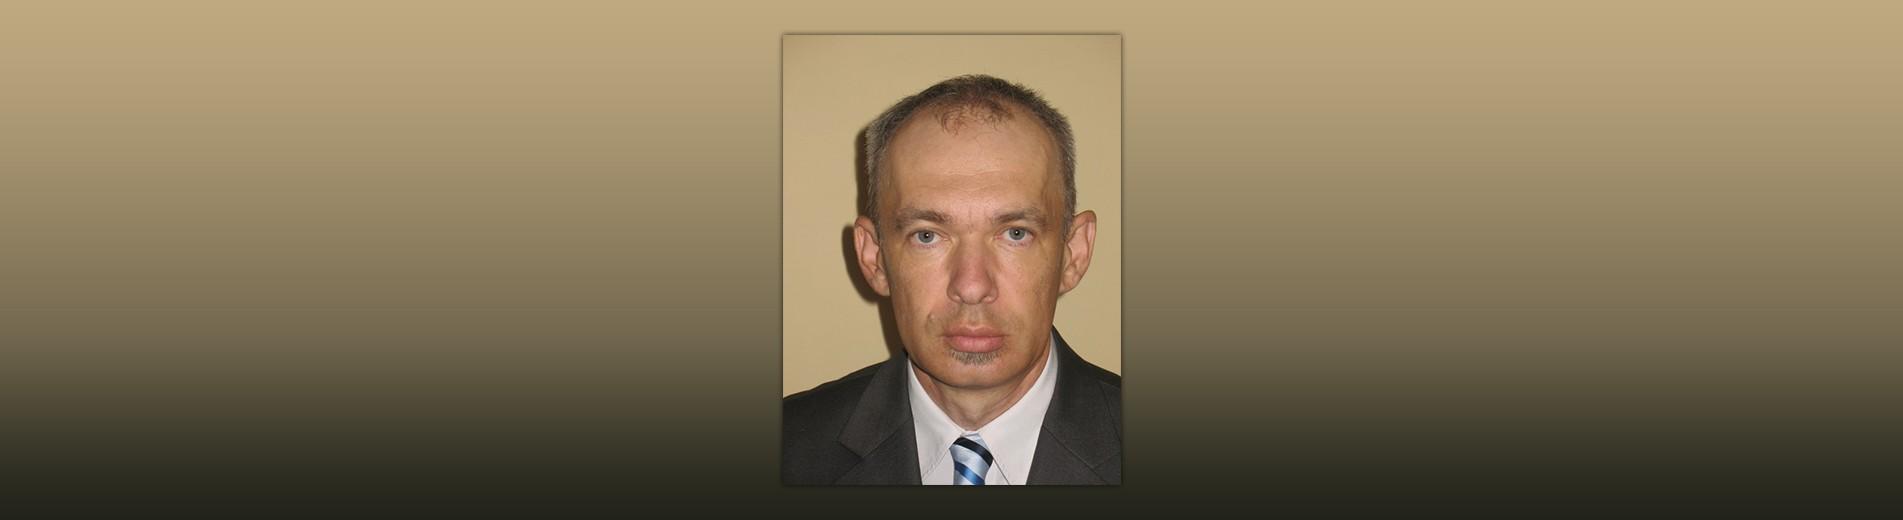 Nagy István, a Kaposvári Egyetem tudományos főmunkatársa az MTA doktora lett